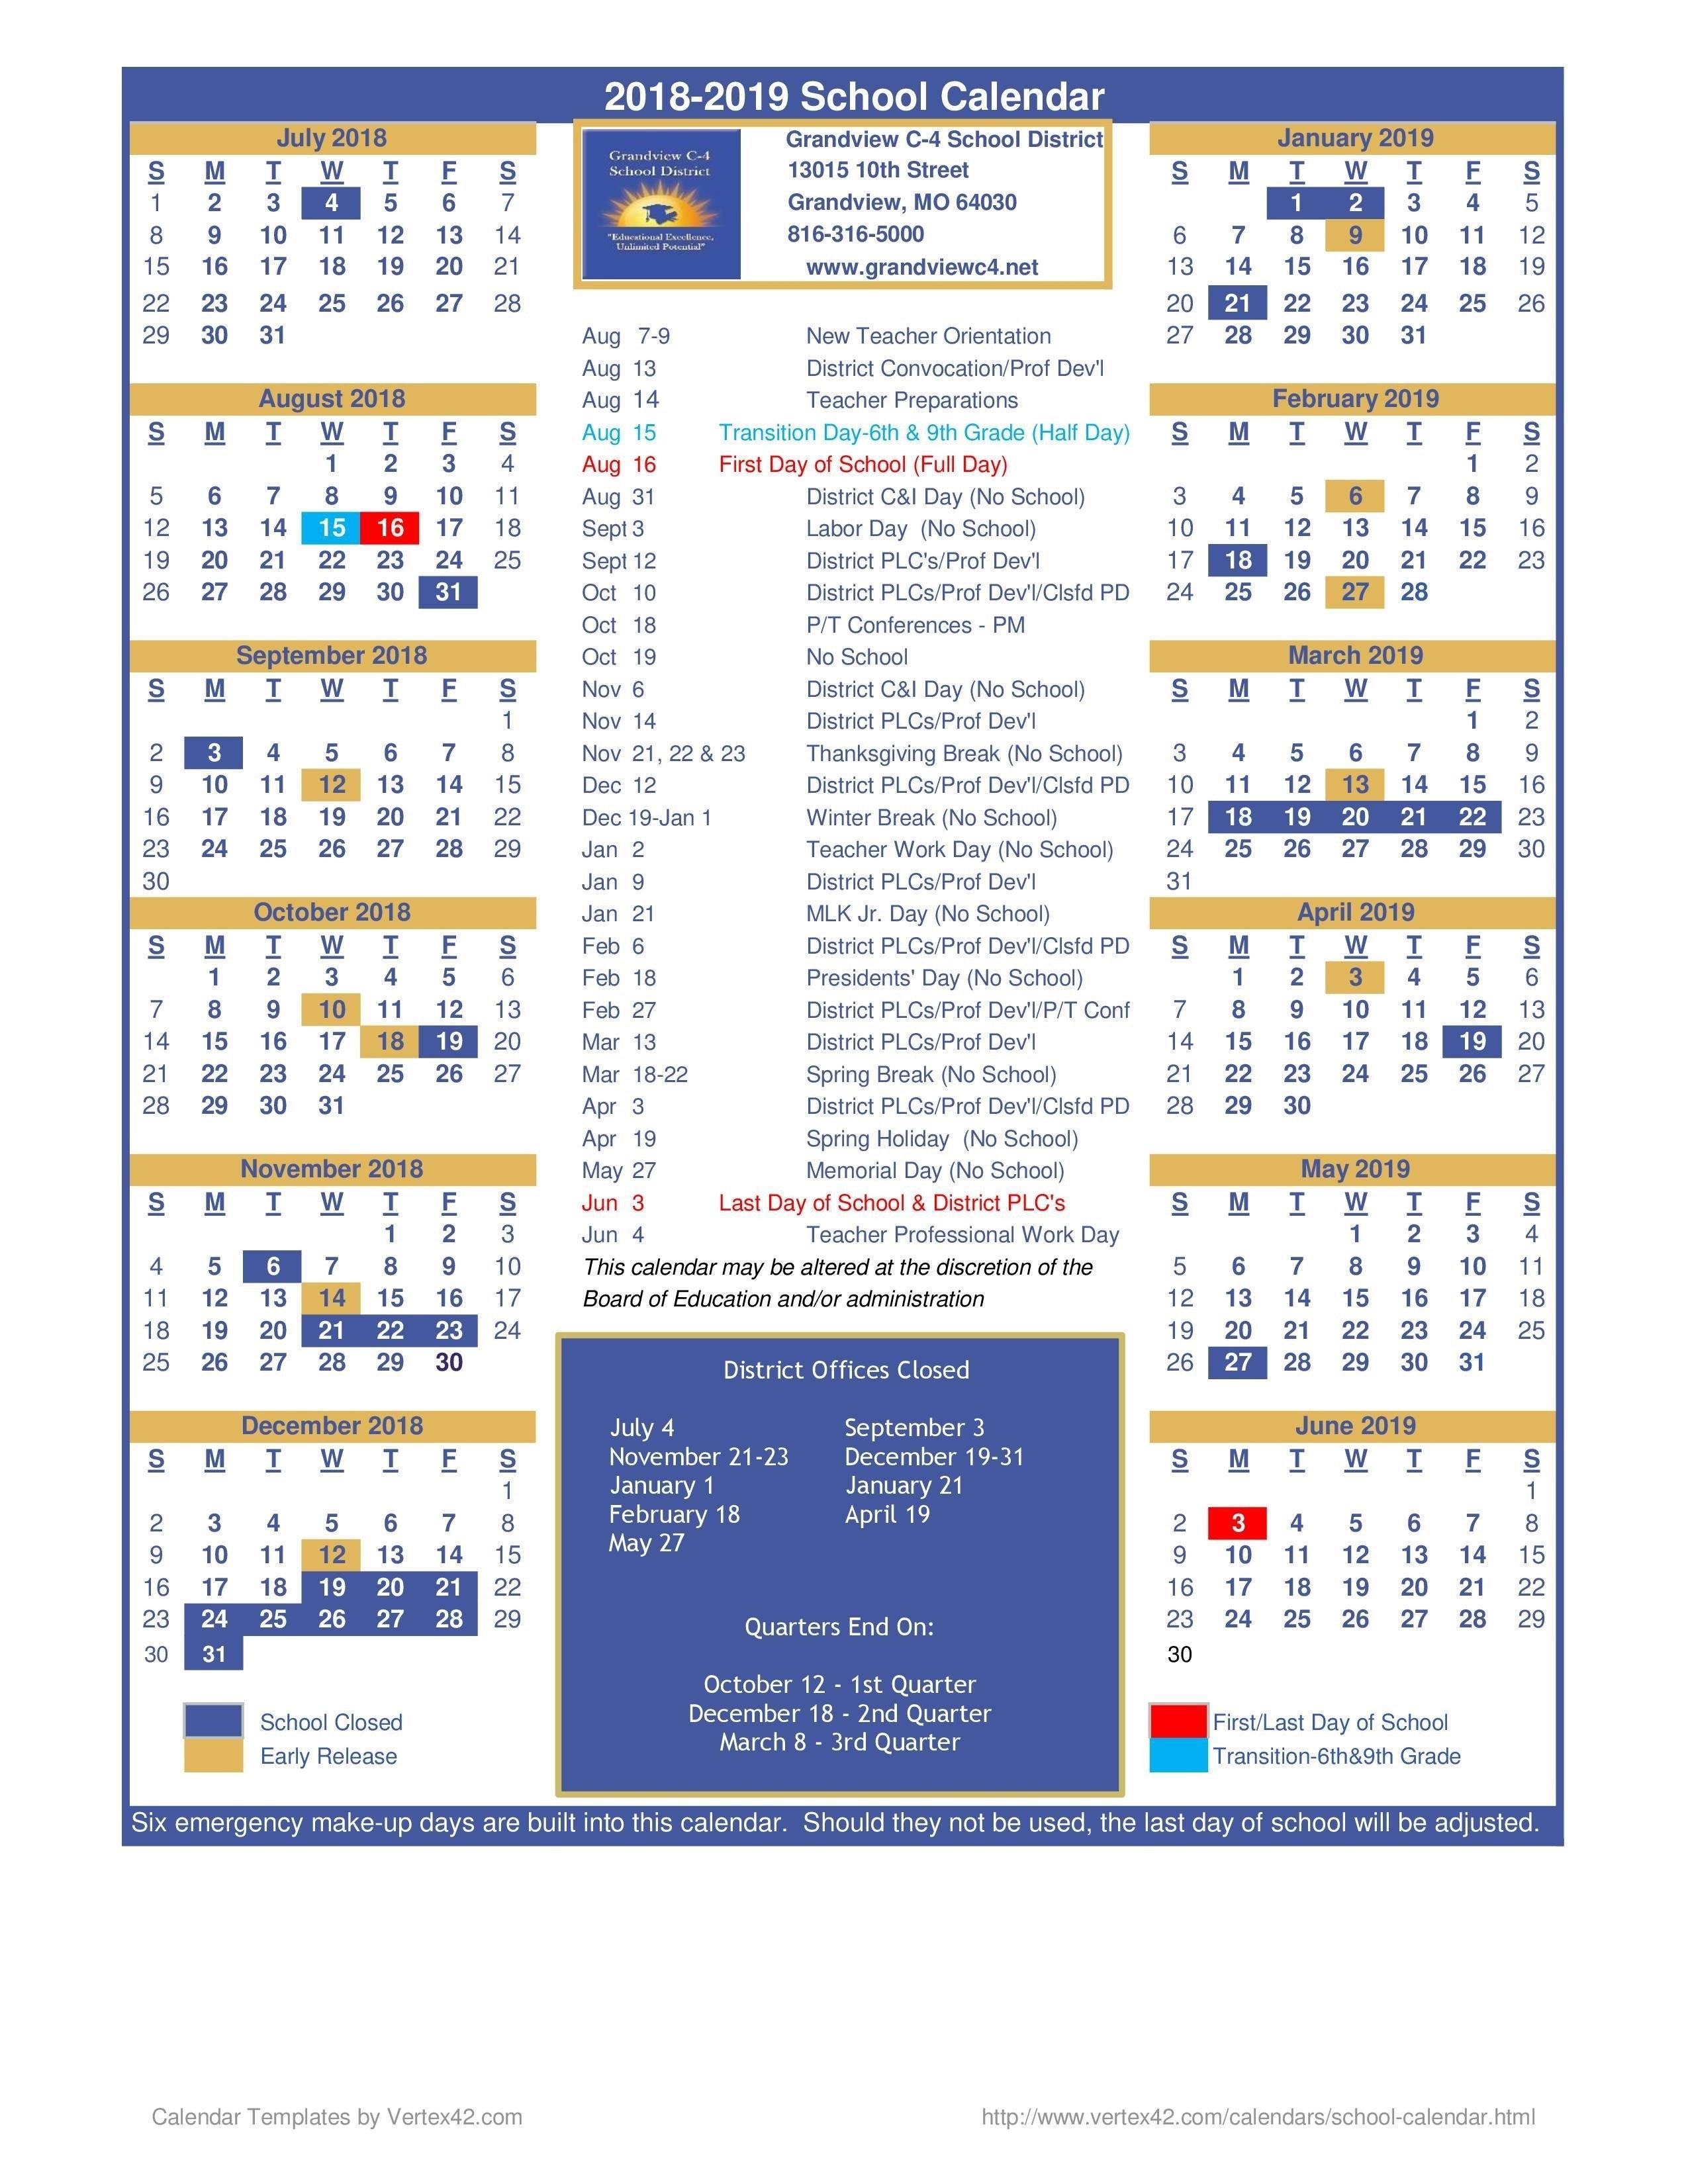 Calendar 2019 Vertex42 | 2019 Calendar With Holidaysvertex42 Calendar 2019 Vertex 42